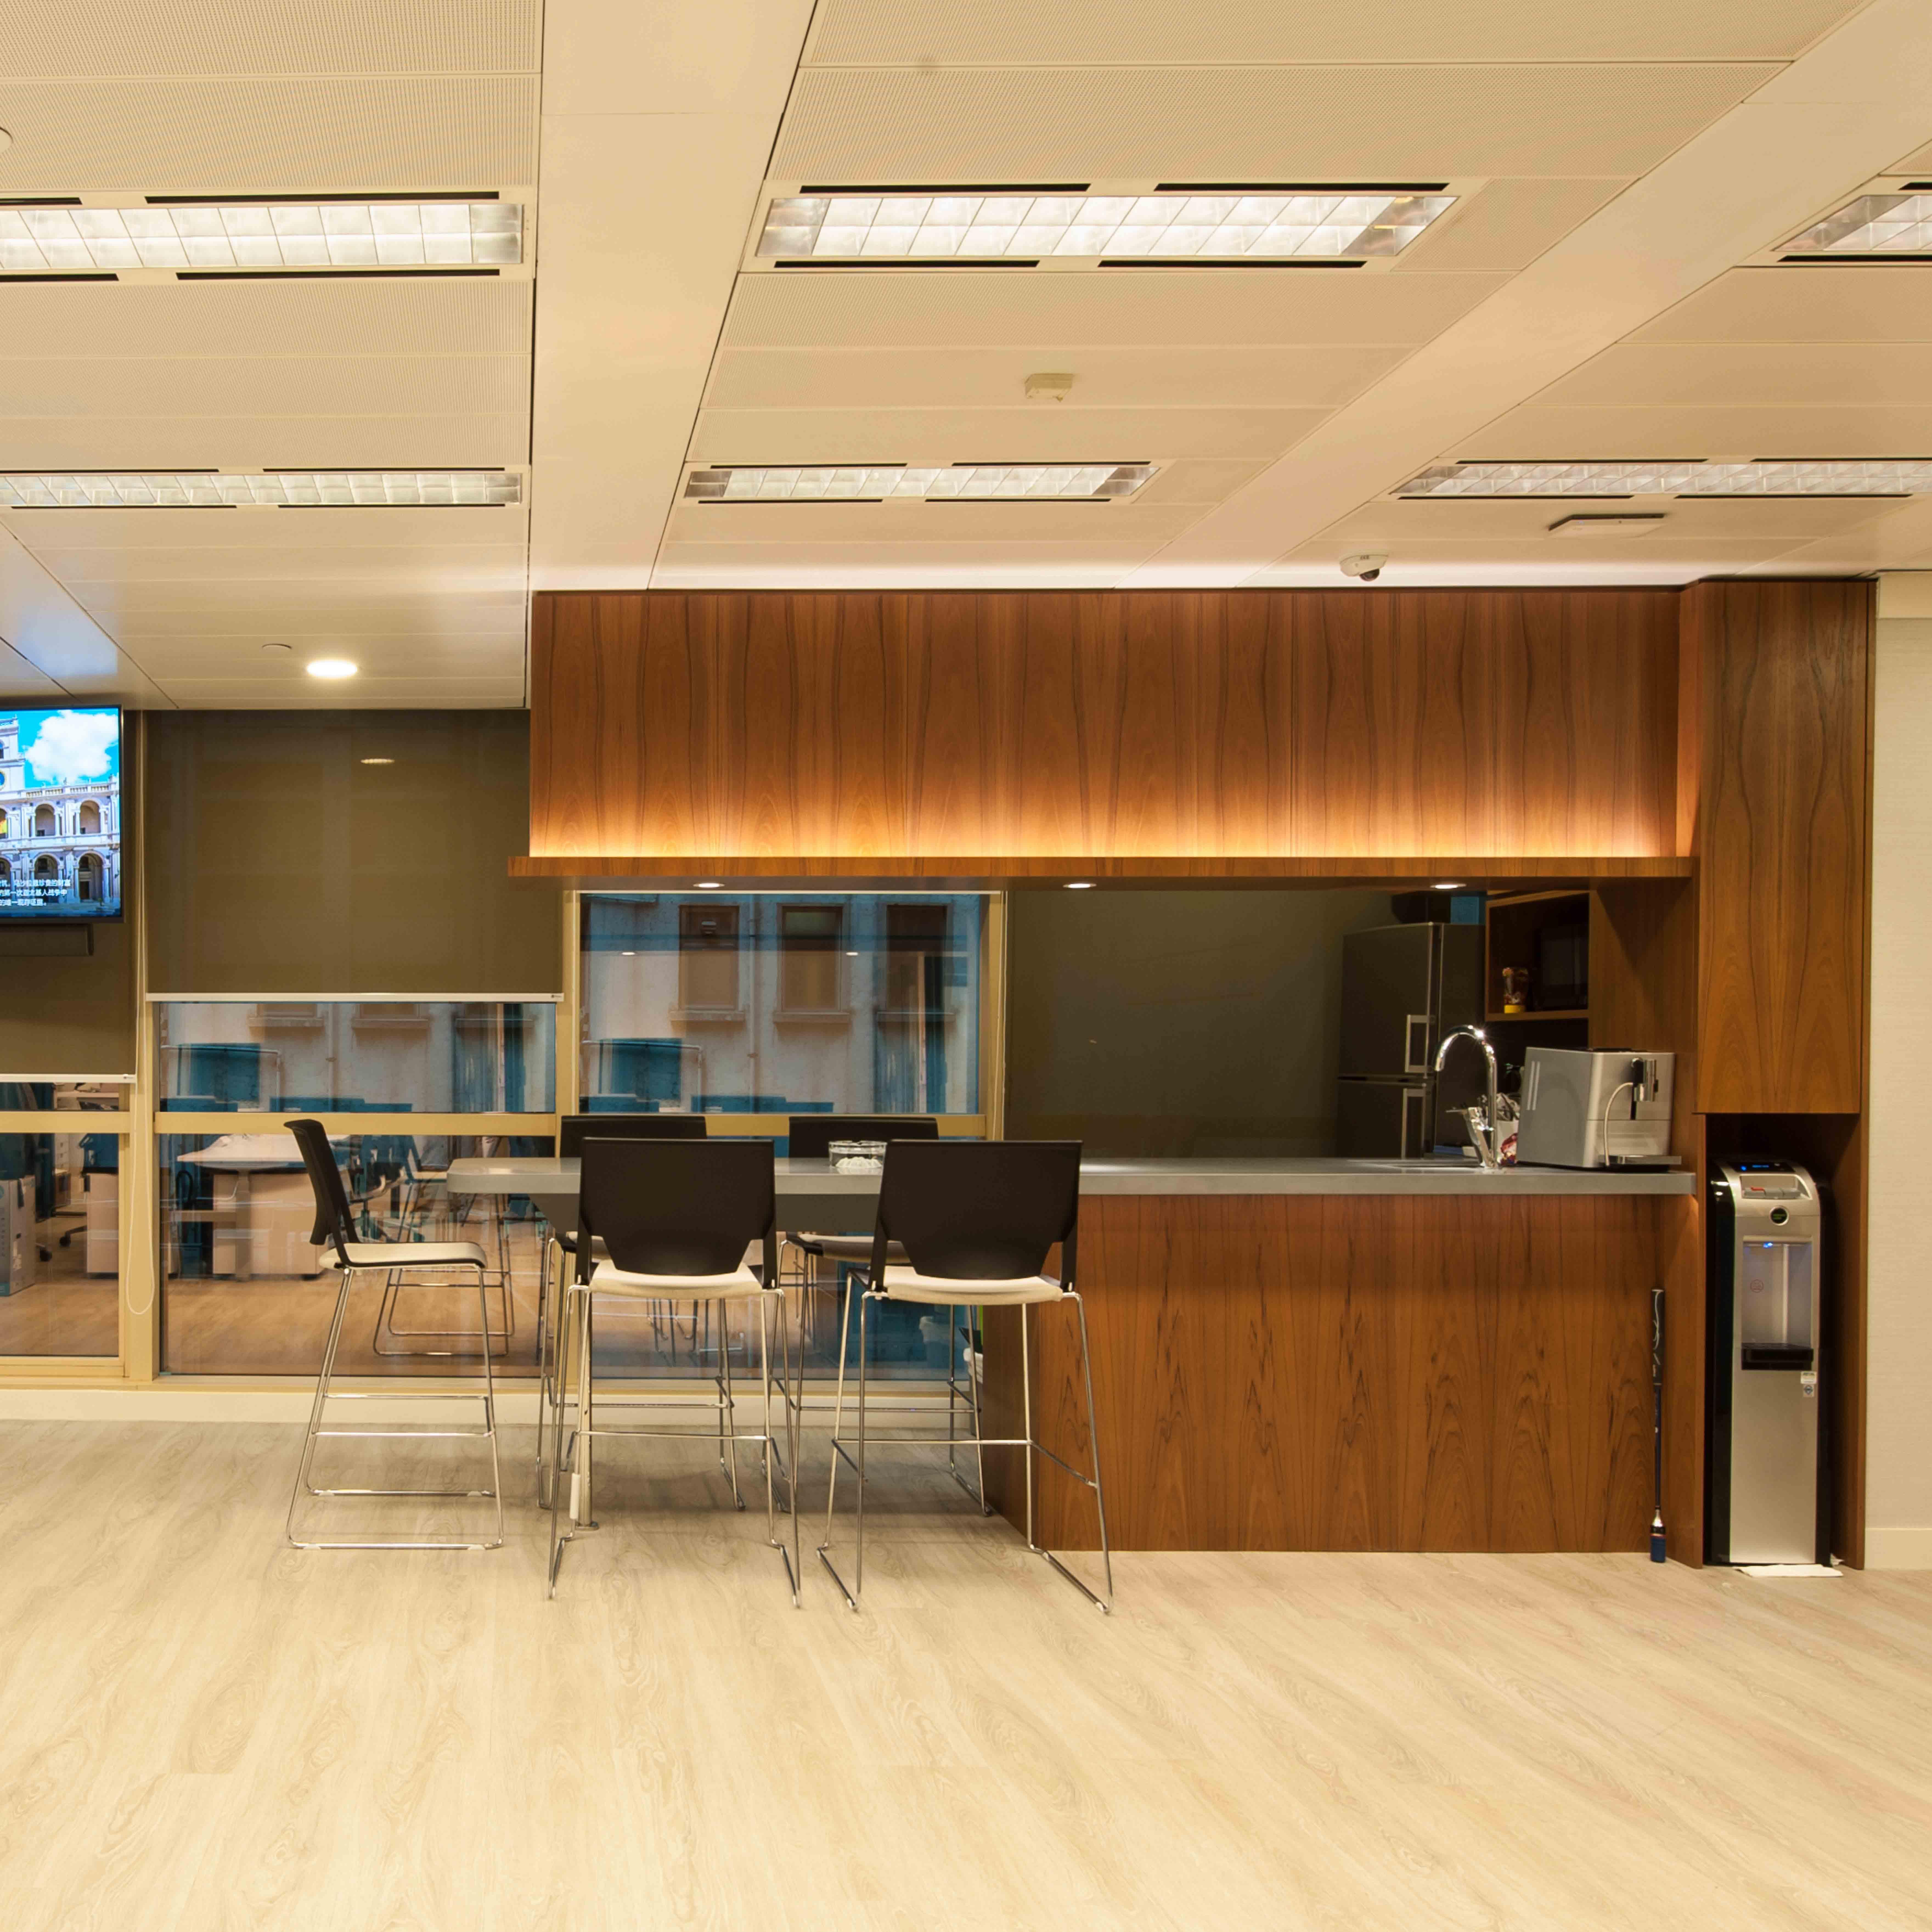 茶水間變酒吧區 成為員工客人的休閒空間